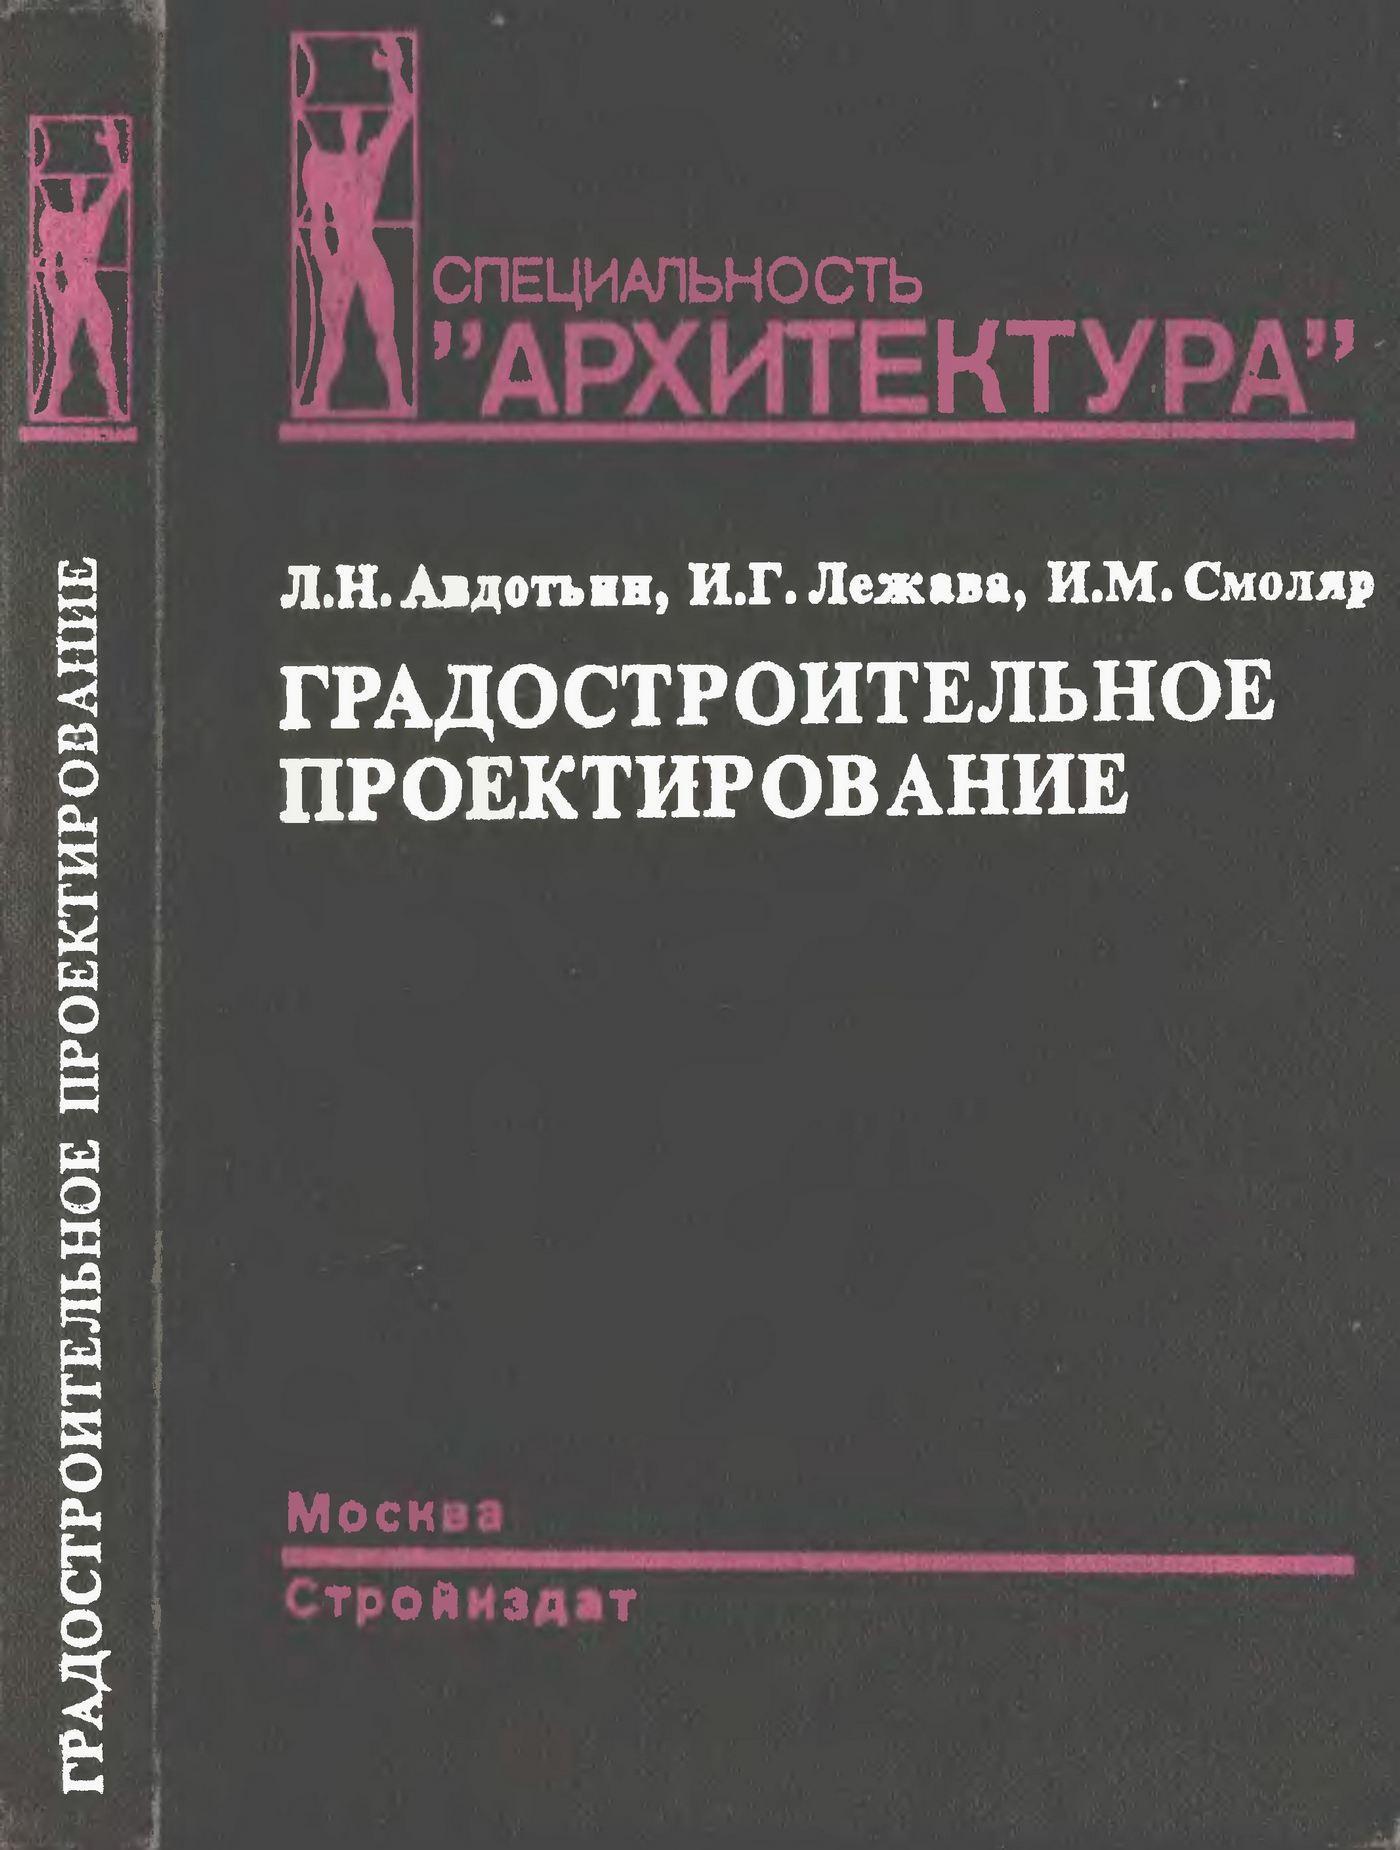 Учебник градостроительство